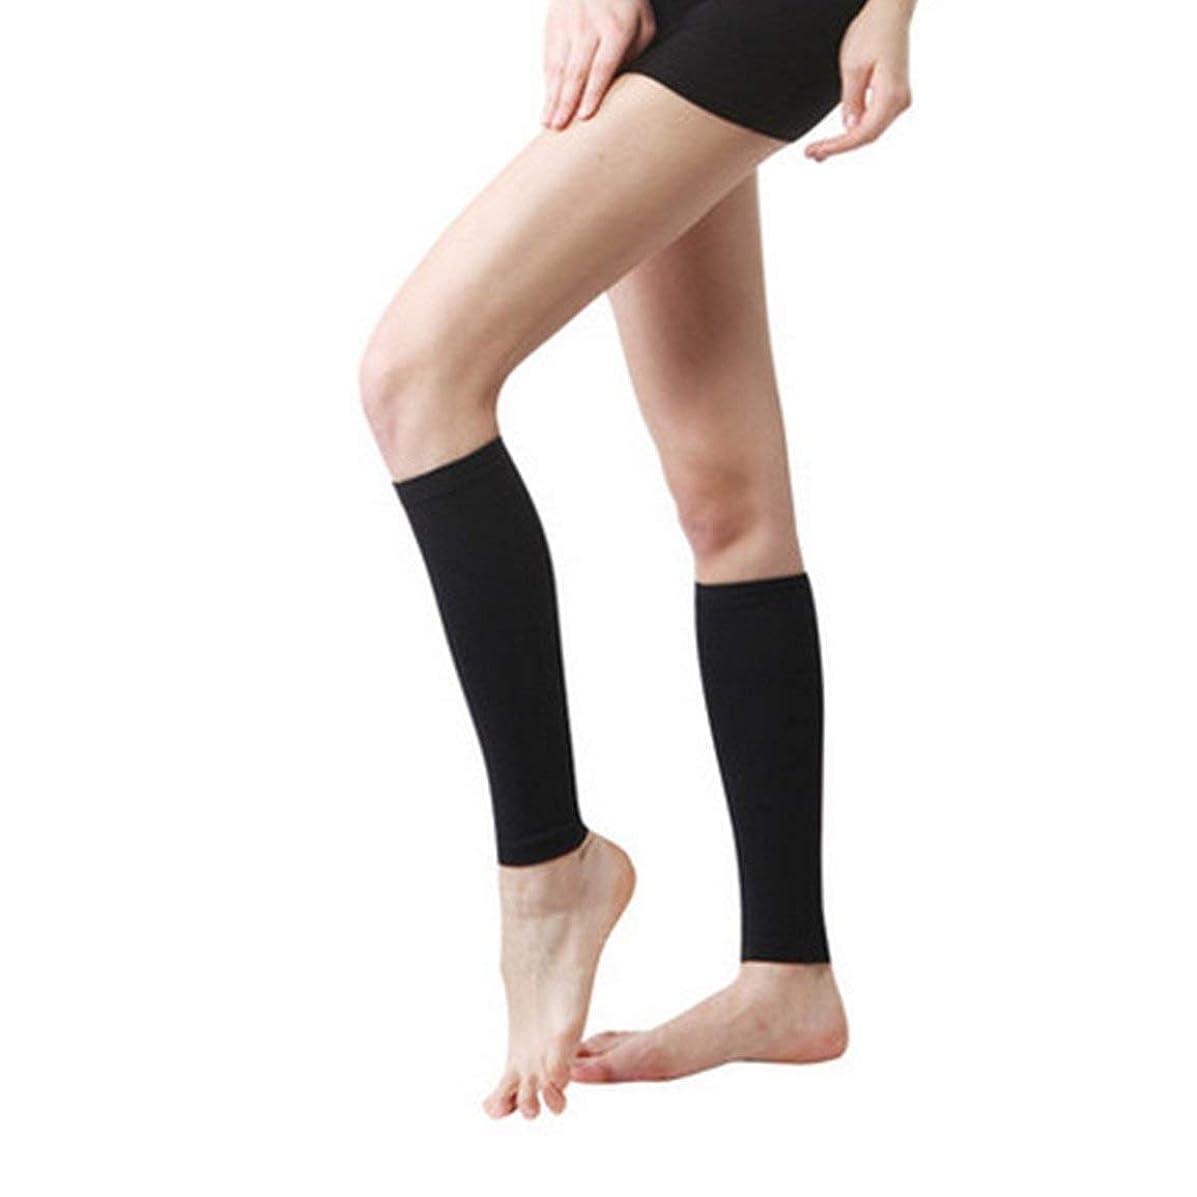 熱意ファッション隠す丈夫な男性女性プロの圧縮靴下通気性のある旅行活動看護師用シンススプリントフライトトラベル - ブラック